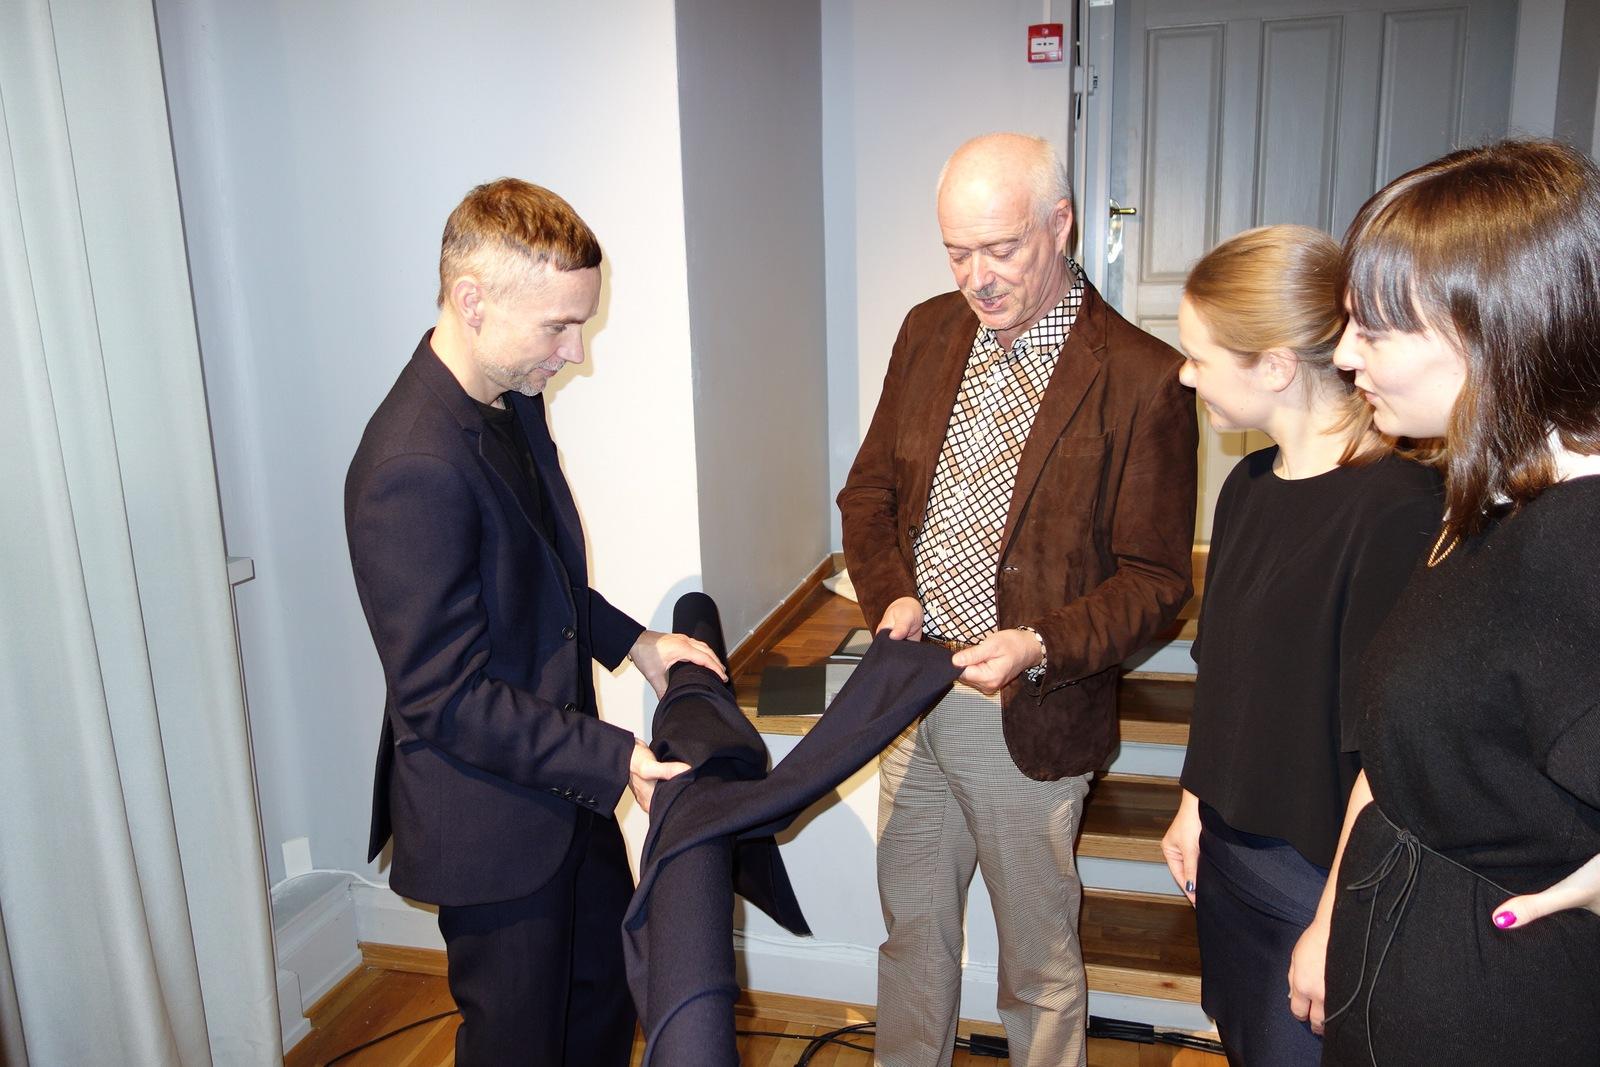 Nasjonalmuseets Widar Halén tar en titt på kunsthåndverkerens arbeider sammen med designprisvinnerne Åshild Kyte og Vera Kleppe